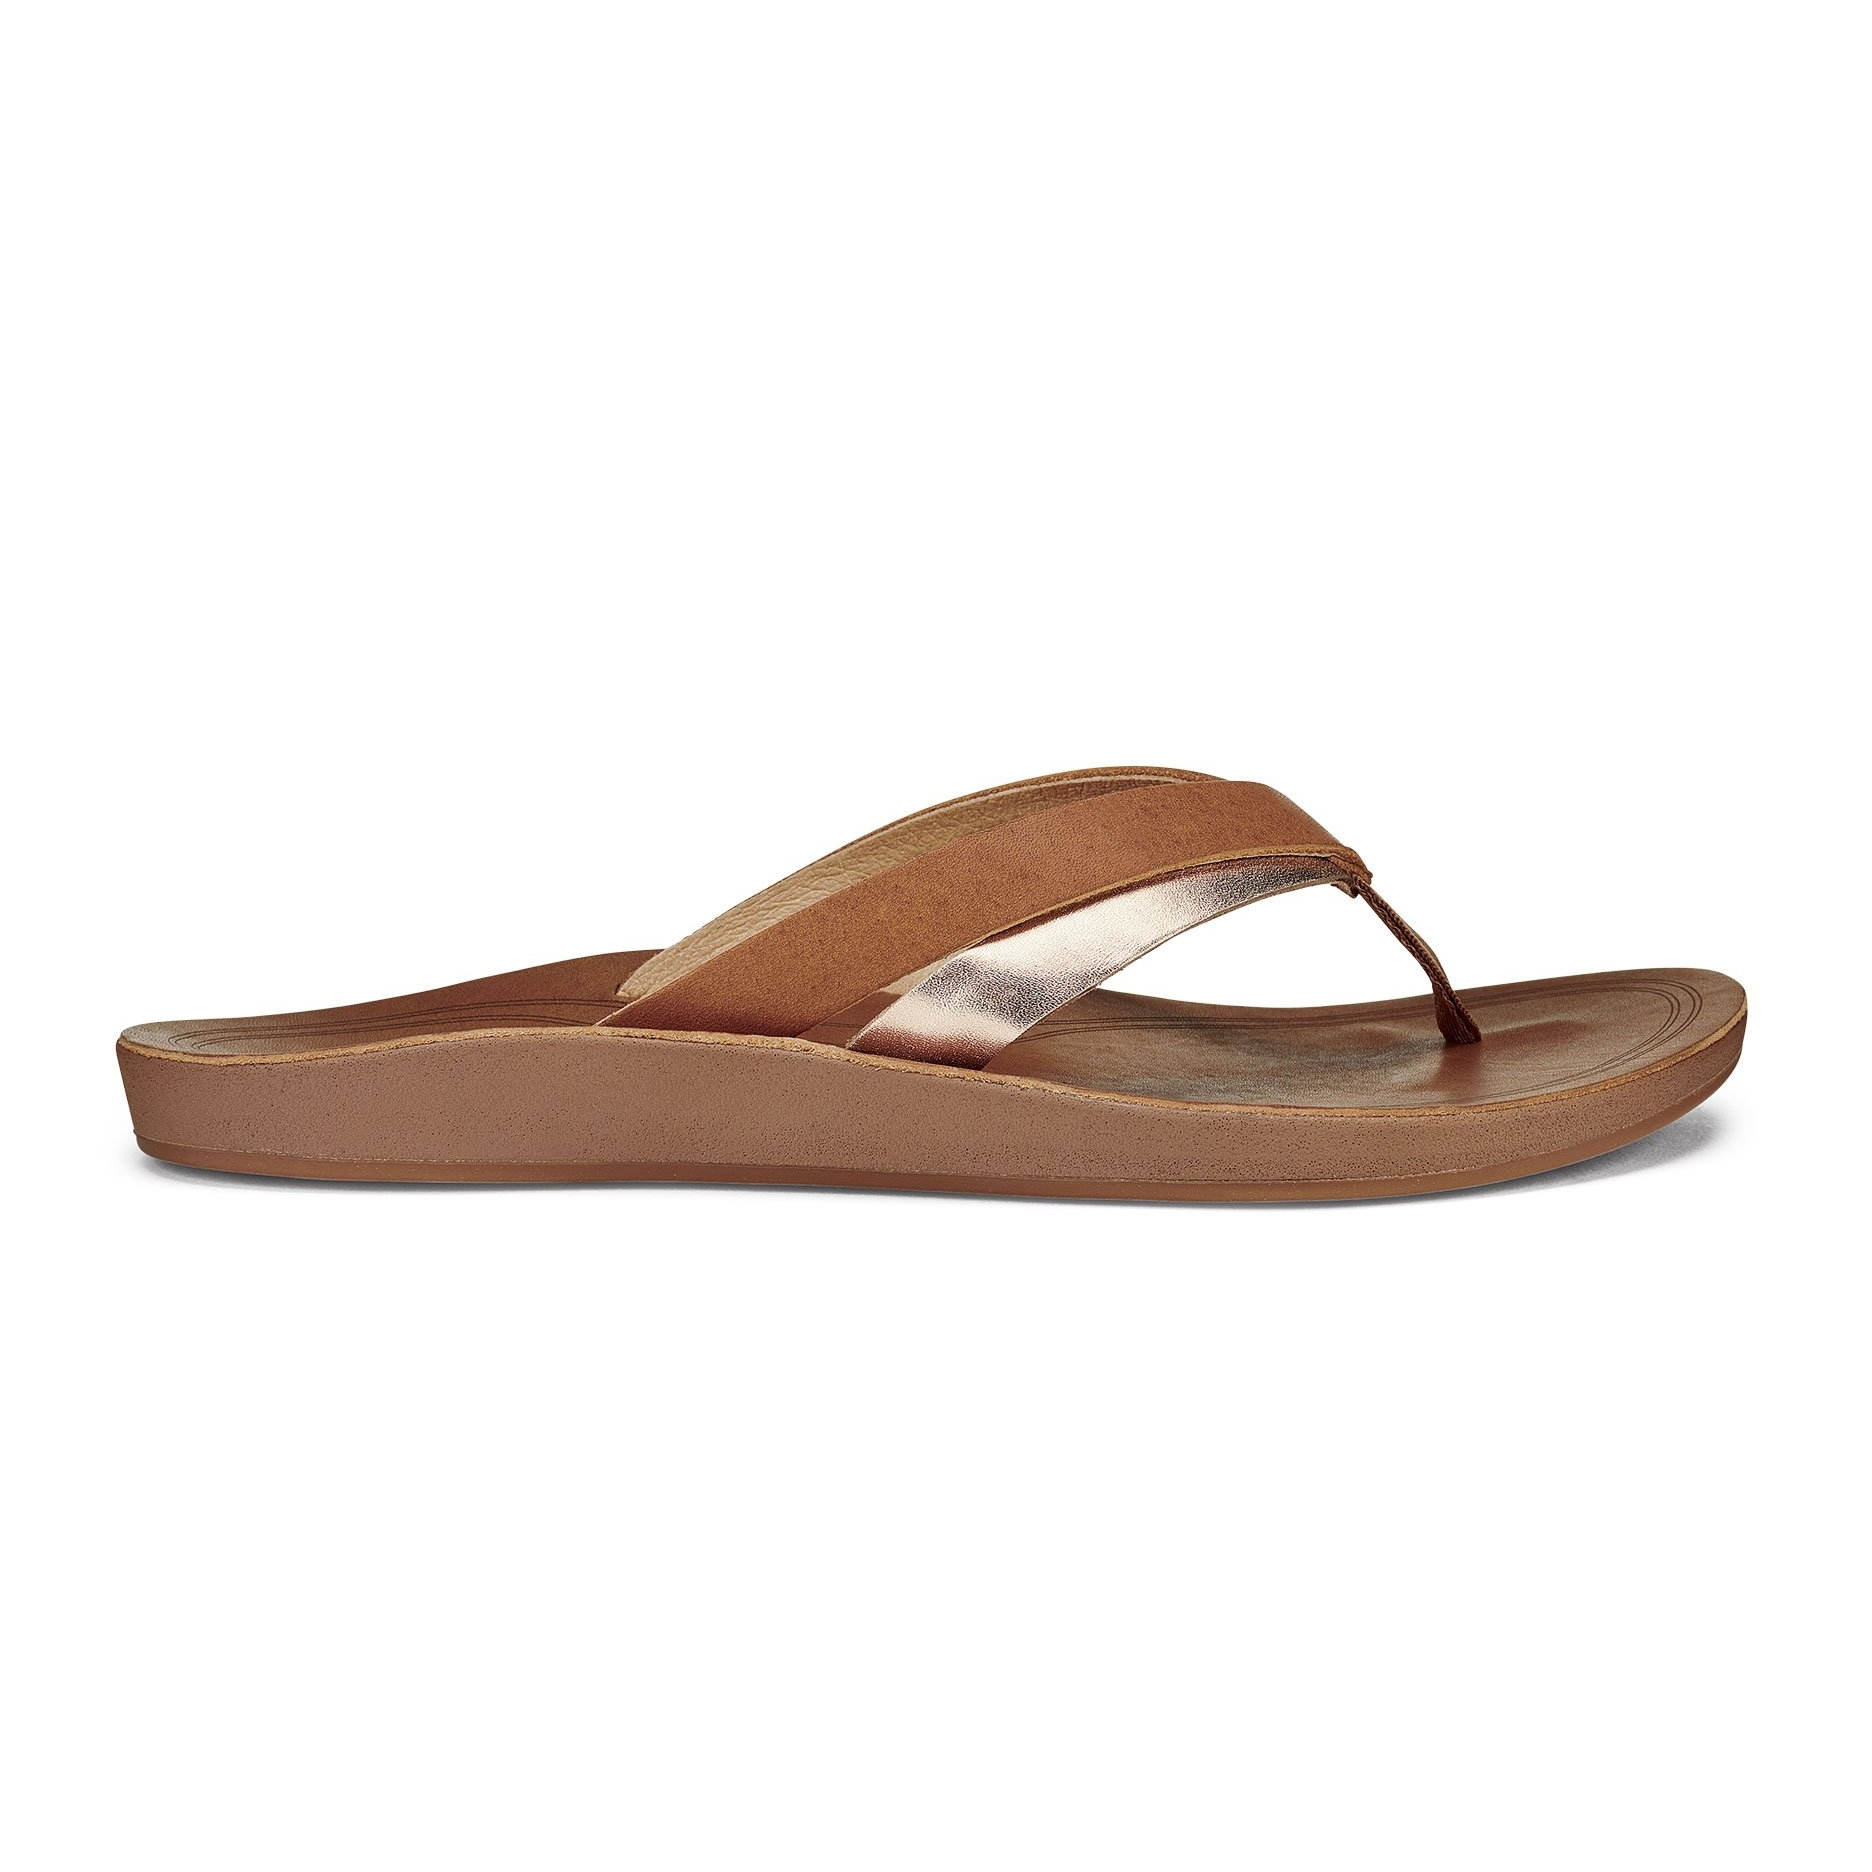 Kaekae Sandals - Sahara/Bubbly